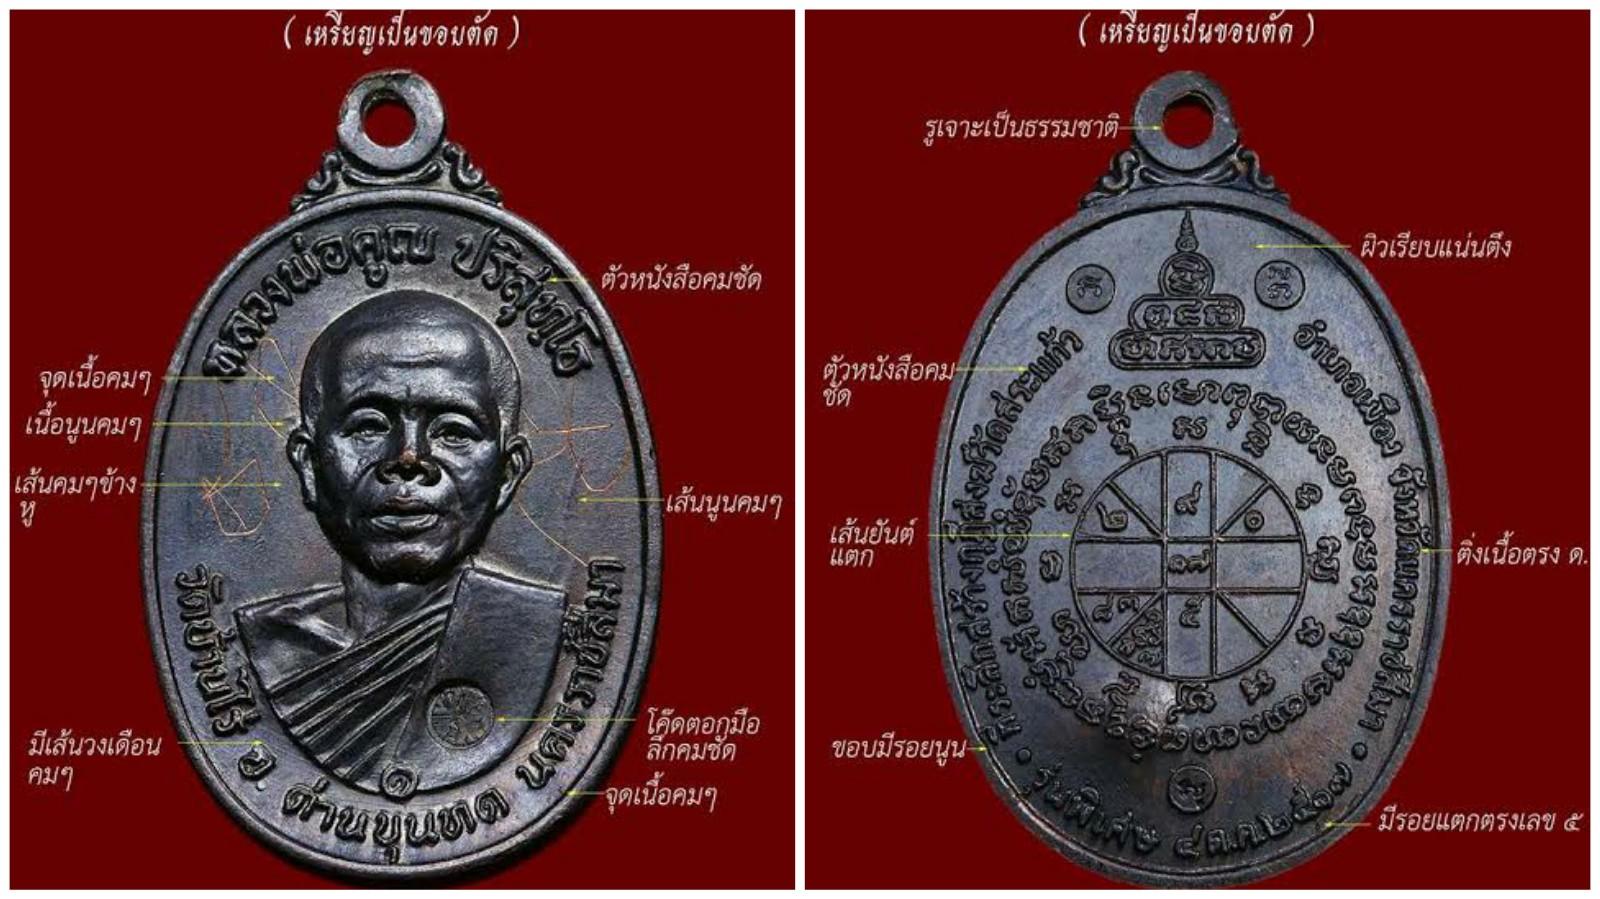 ส่องพระเหรียญยอดนิยม เหรียญหลวงพ่อคูณปี 2517 2